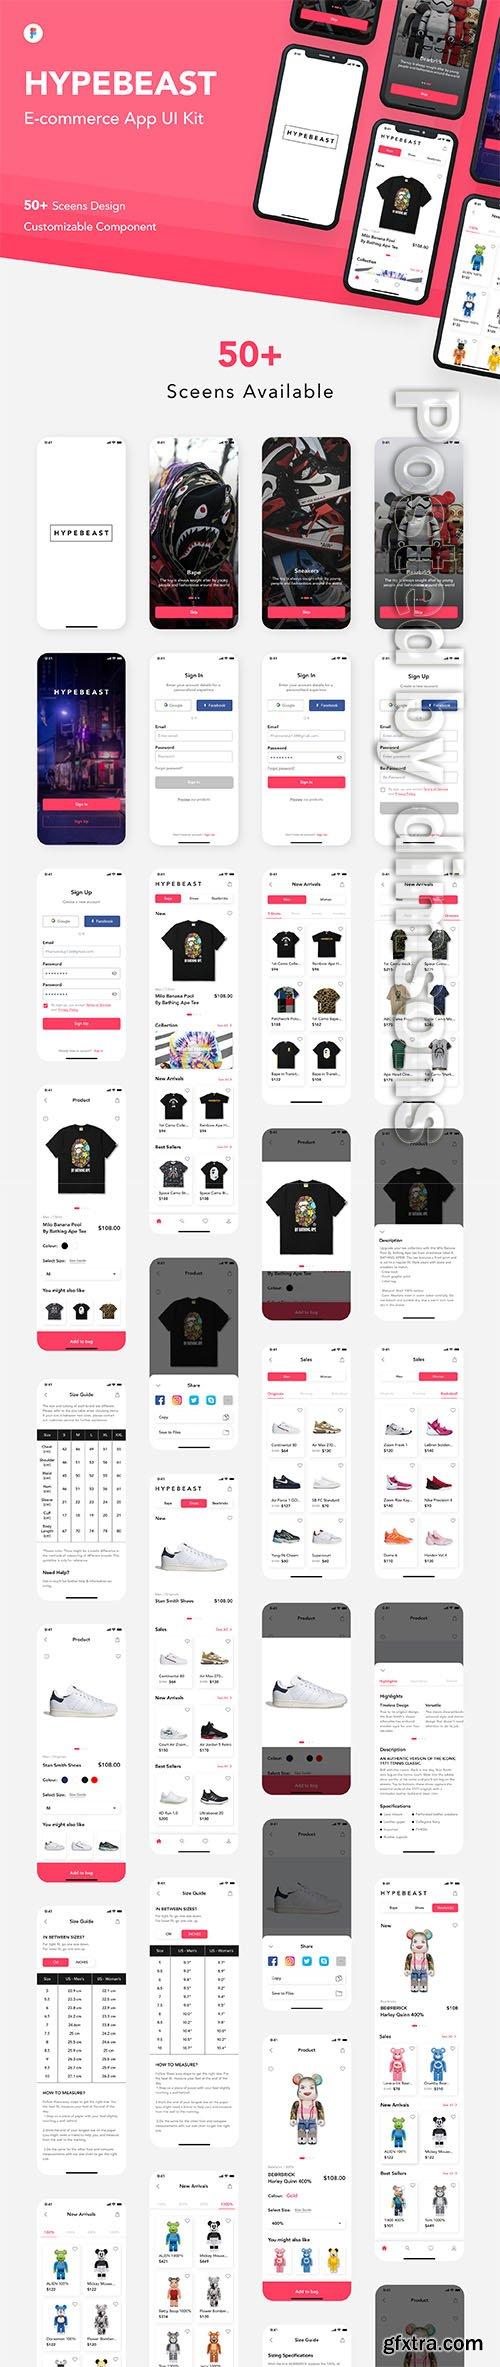 HypeBeast - E-commerce App UI Kit